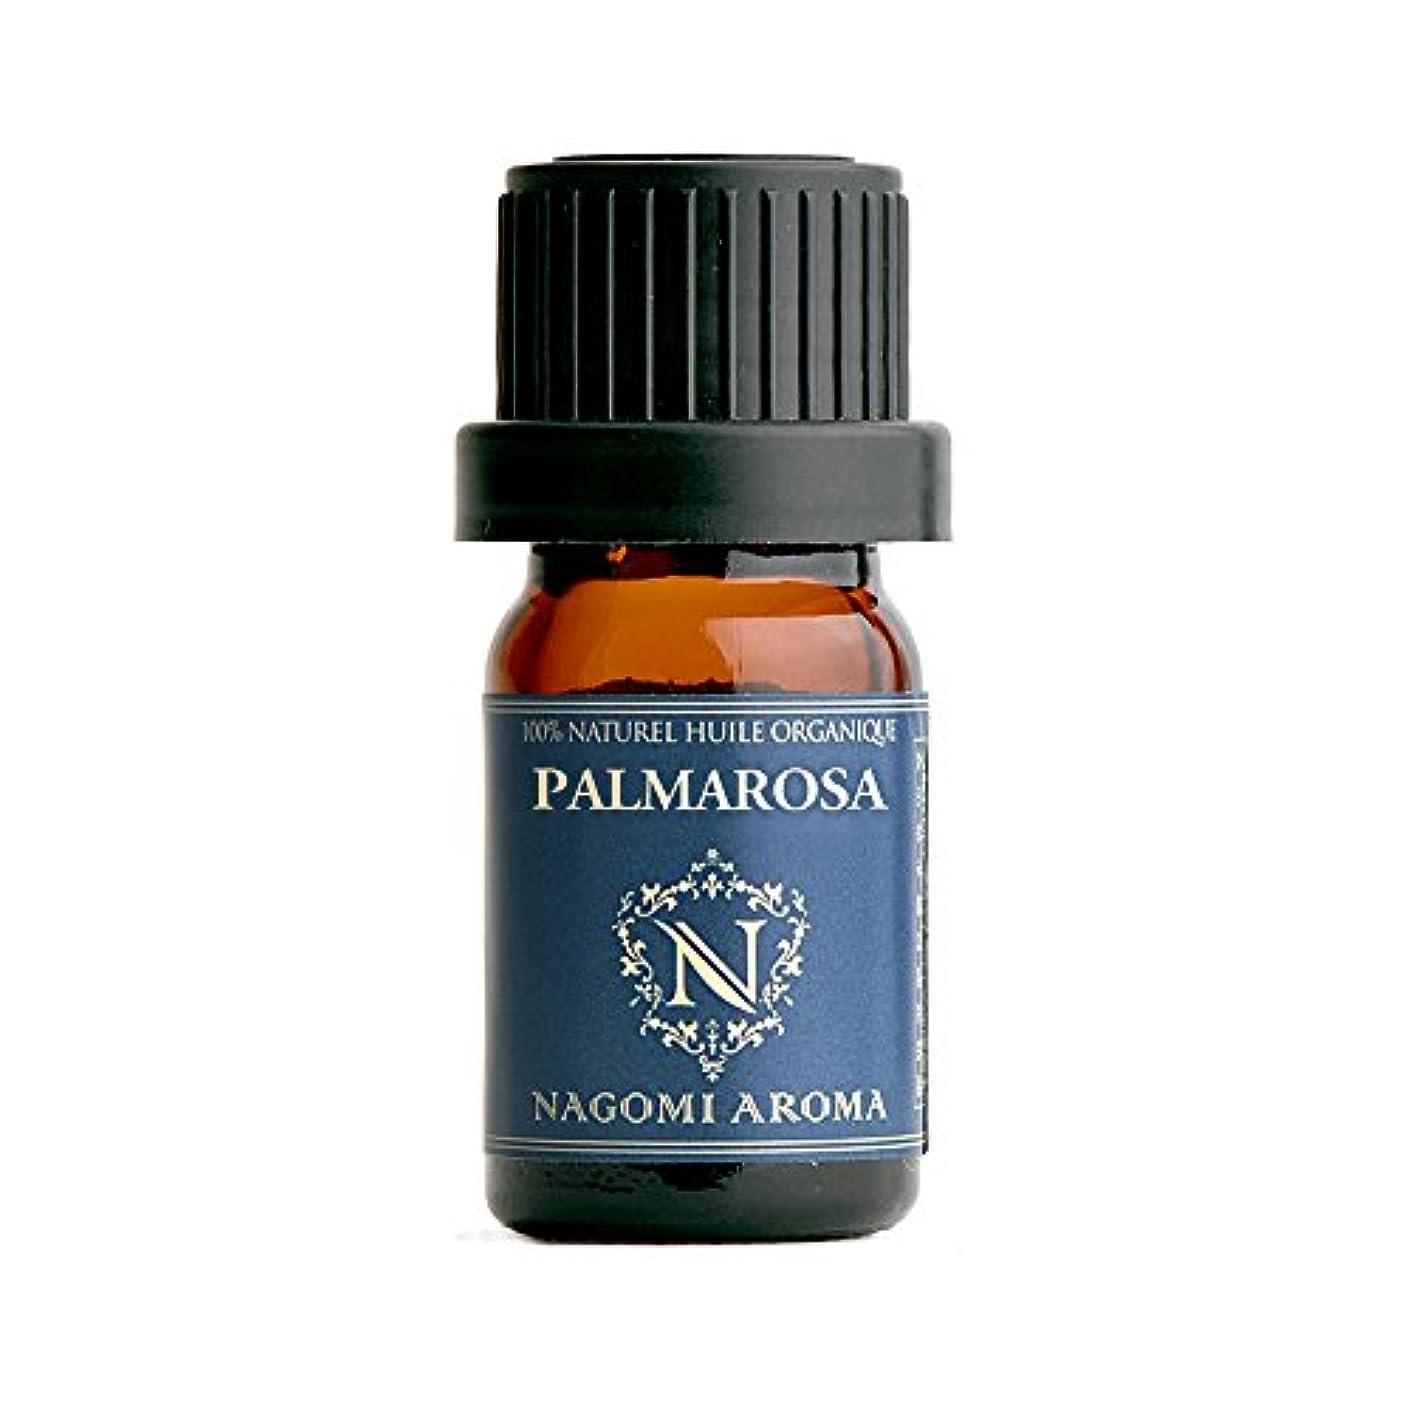 申請中欠員未使用NAGOMI AROMA オーガニック パルマローザ5ml 【AEAJ認定精油】【アロマオイル】